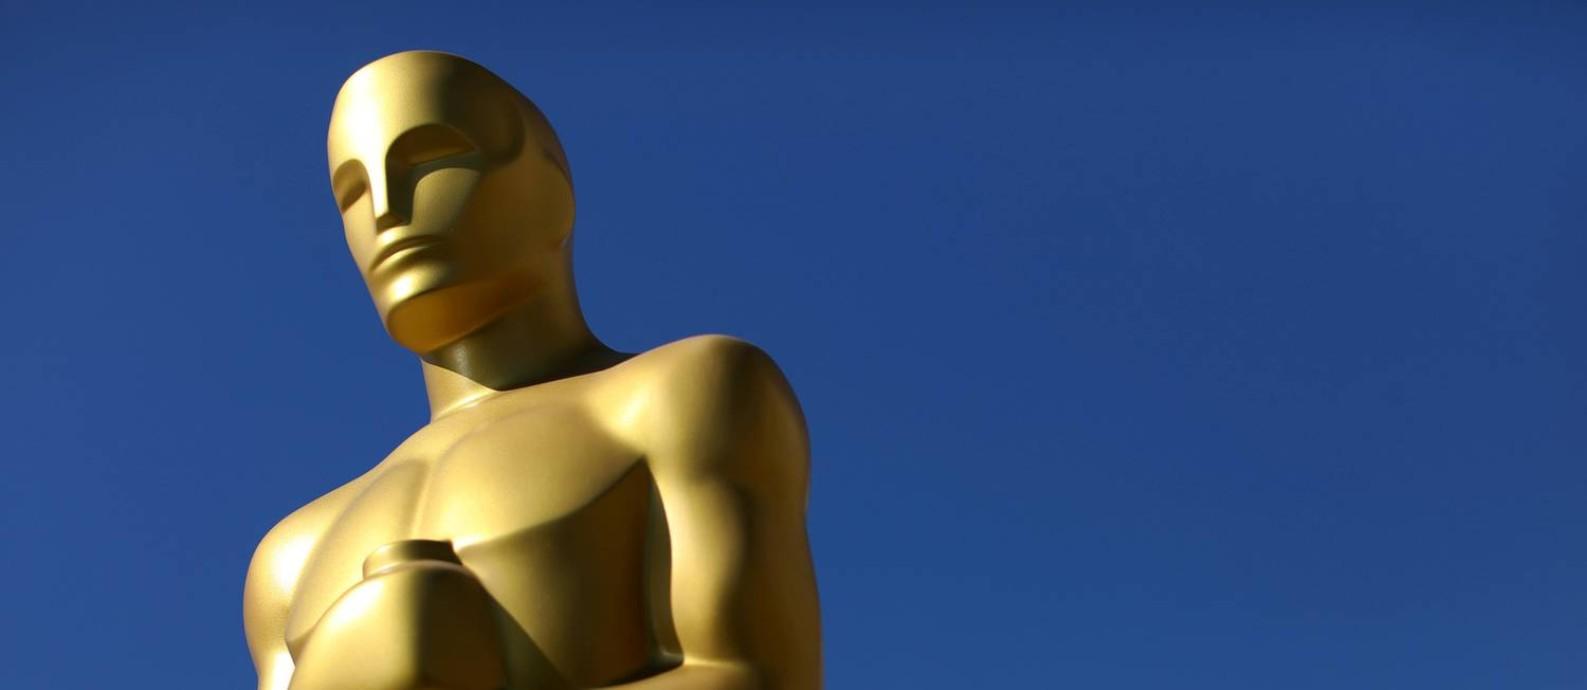 O Oscar, que na 90ª edição deverá passar por mudanças Foto: Mike Blake / REUTERS